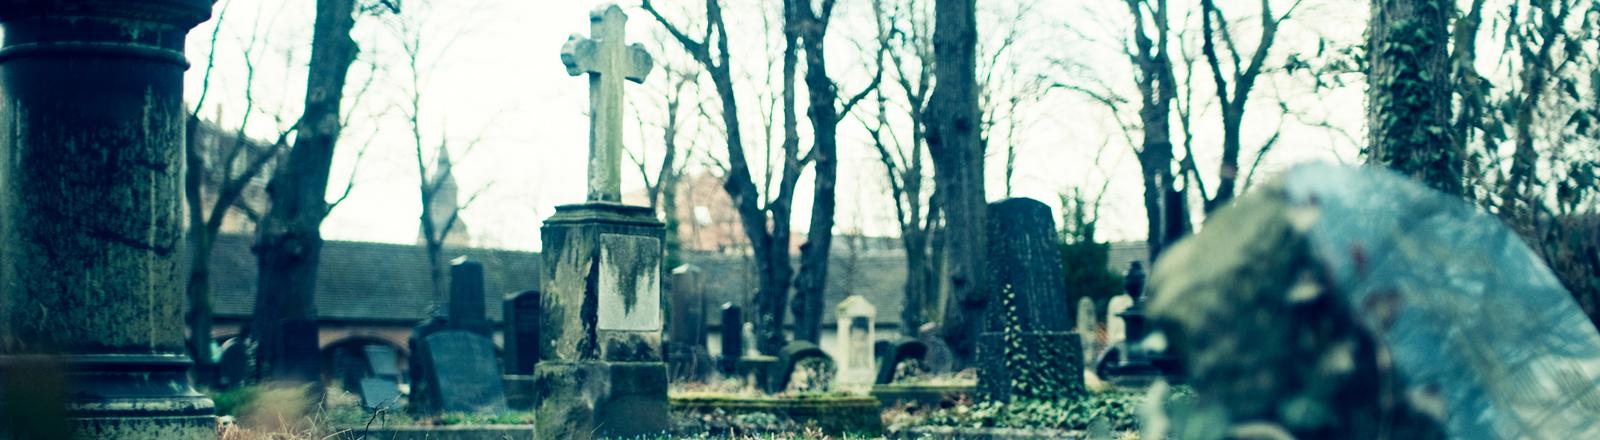 Ein Friedhof.